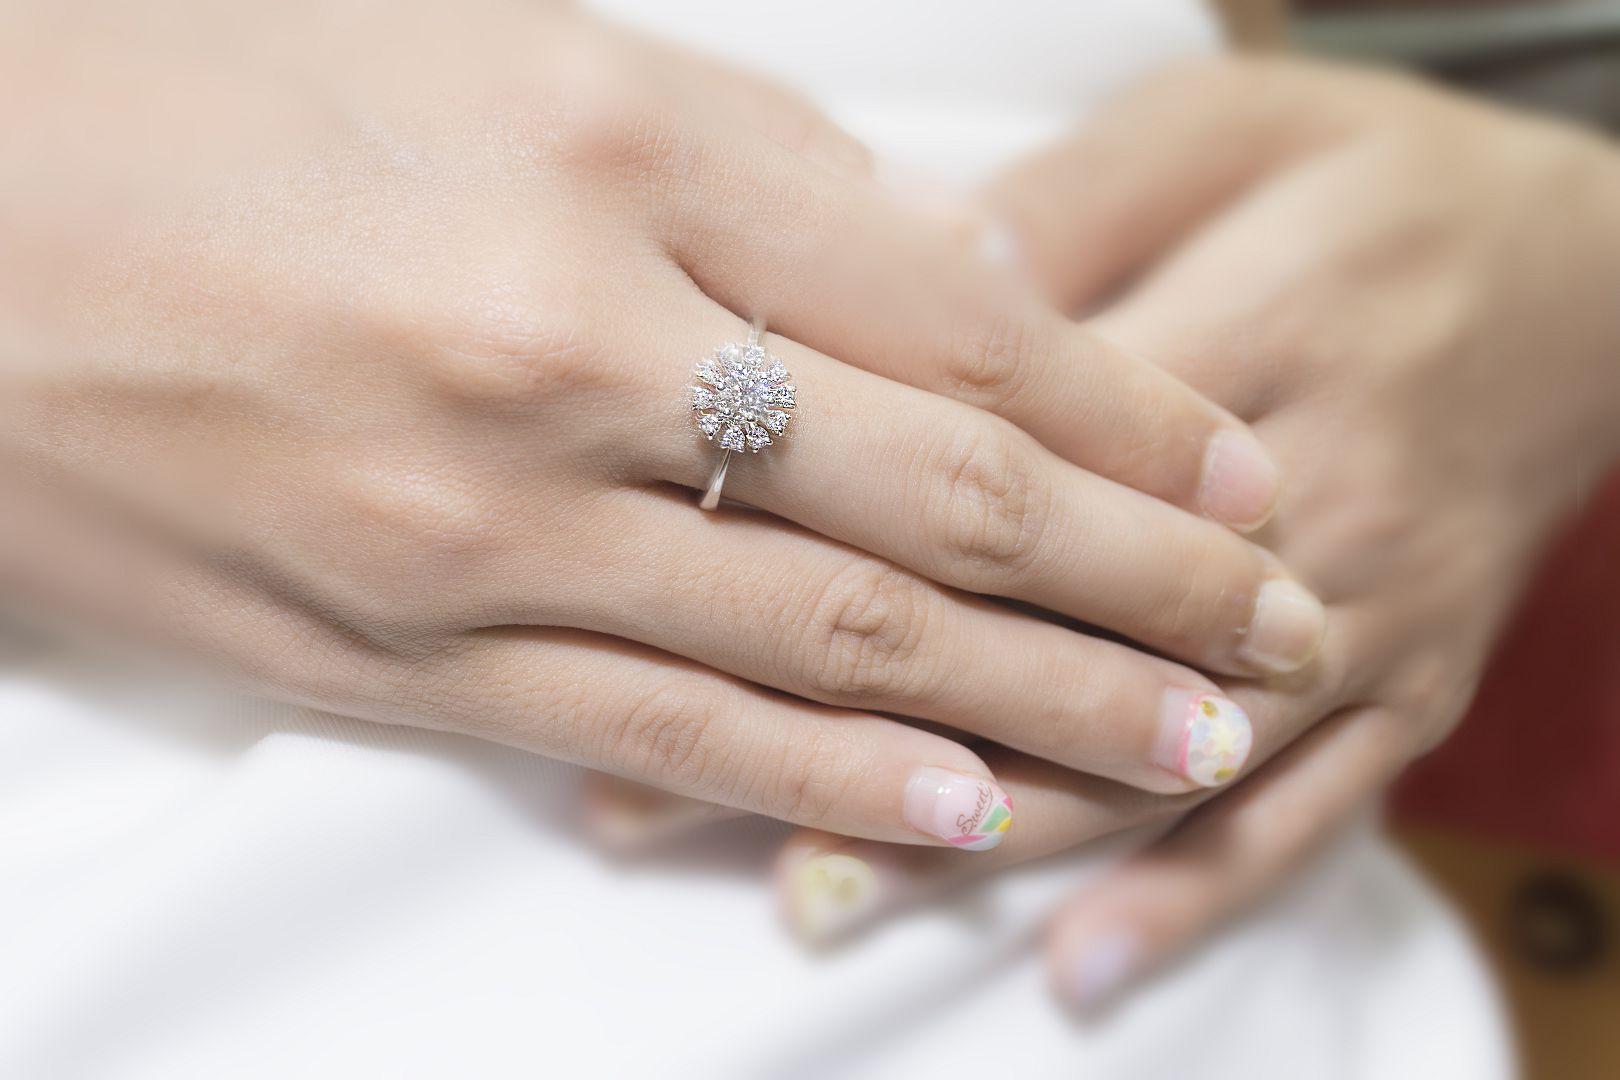 鑽石婚戒,,,,,,, - 嘉義宏鑫珠寶銀樓-嘉義GIA鑽石婚戒 作品瀏覽